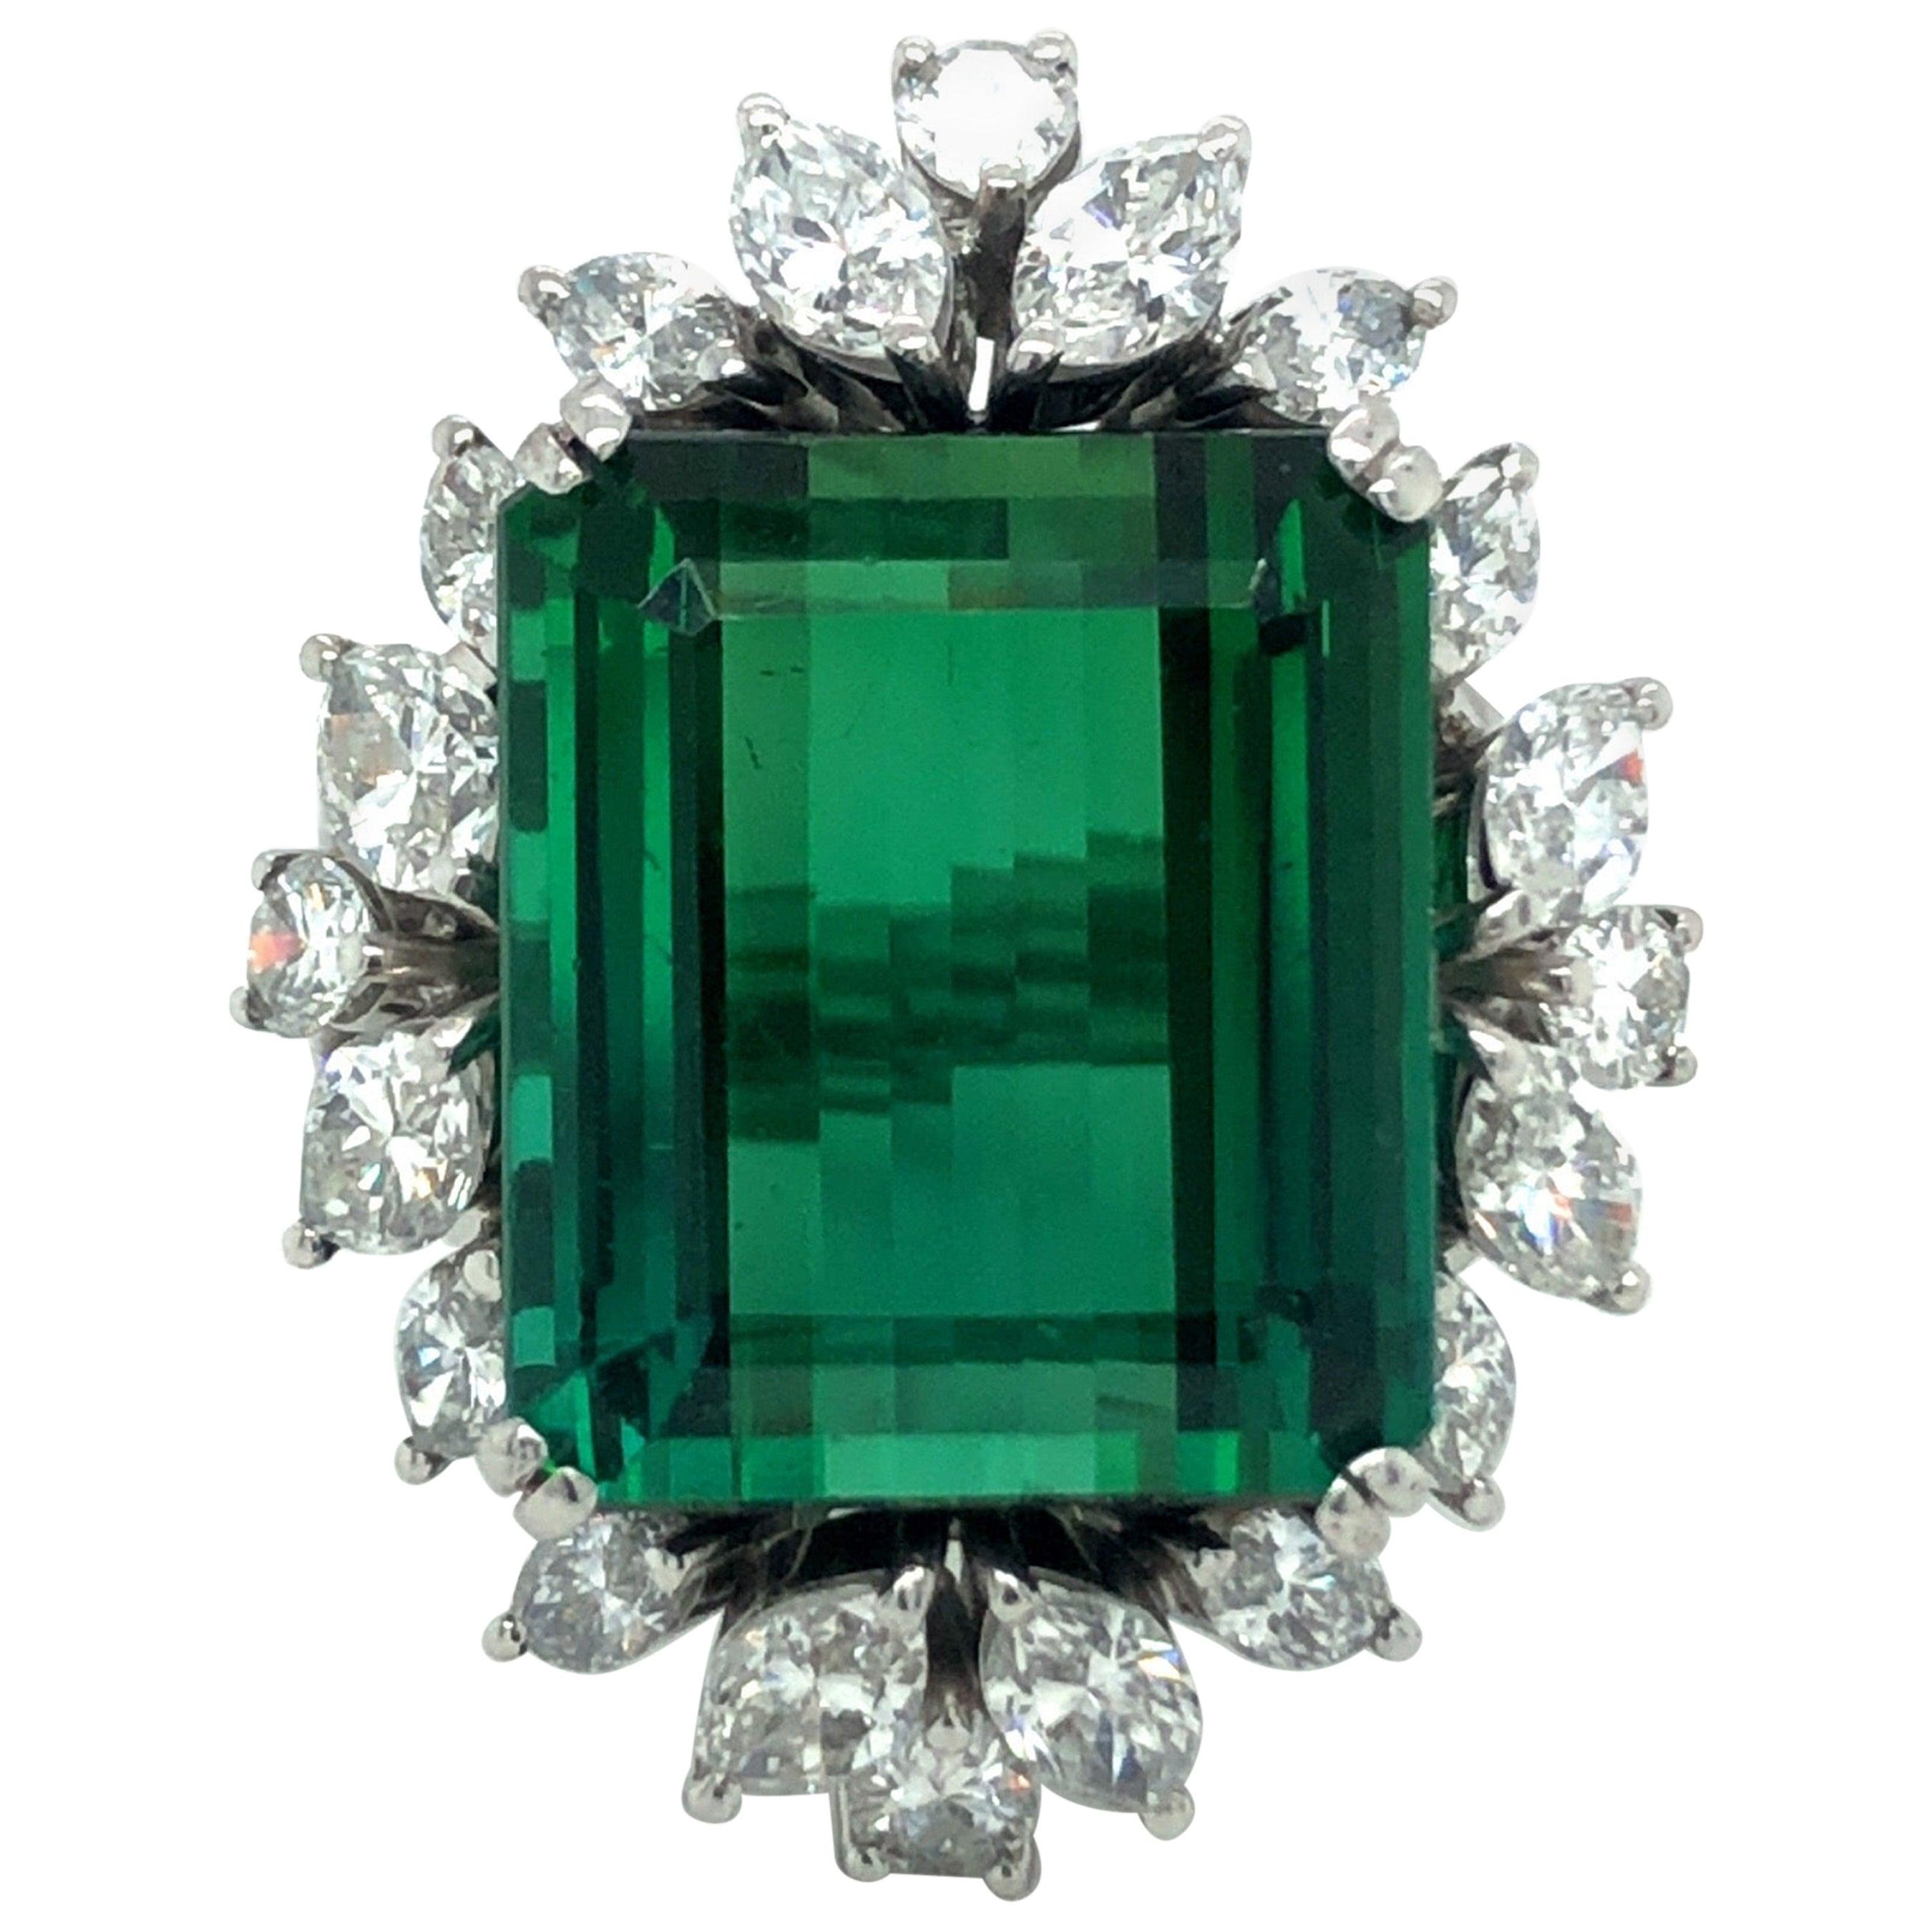 18 Karat White Gold Green Tourmaline Diamond Cocktail Ring